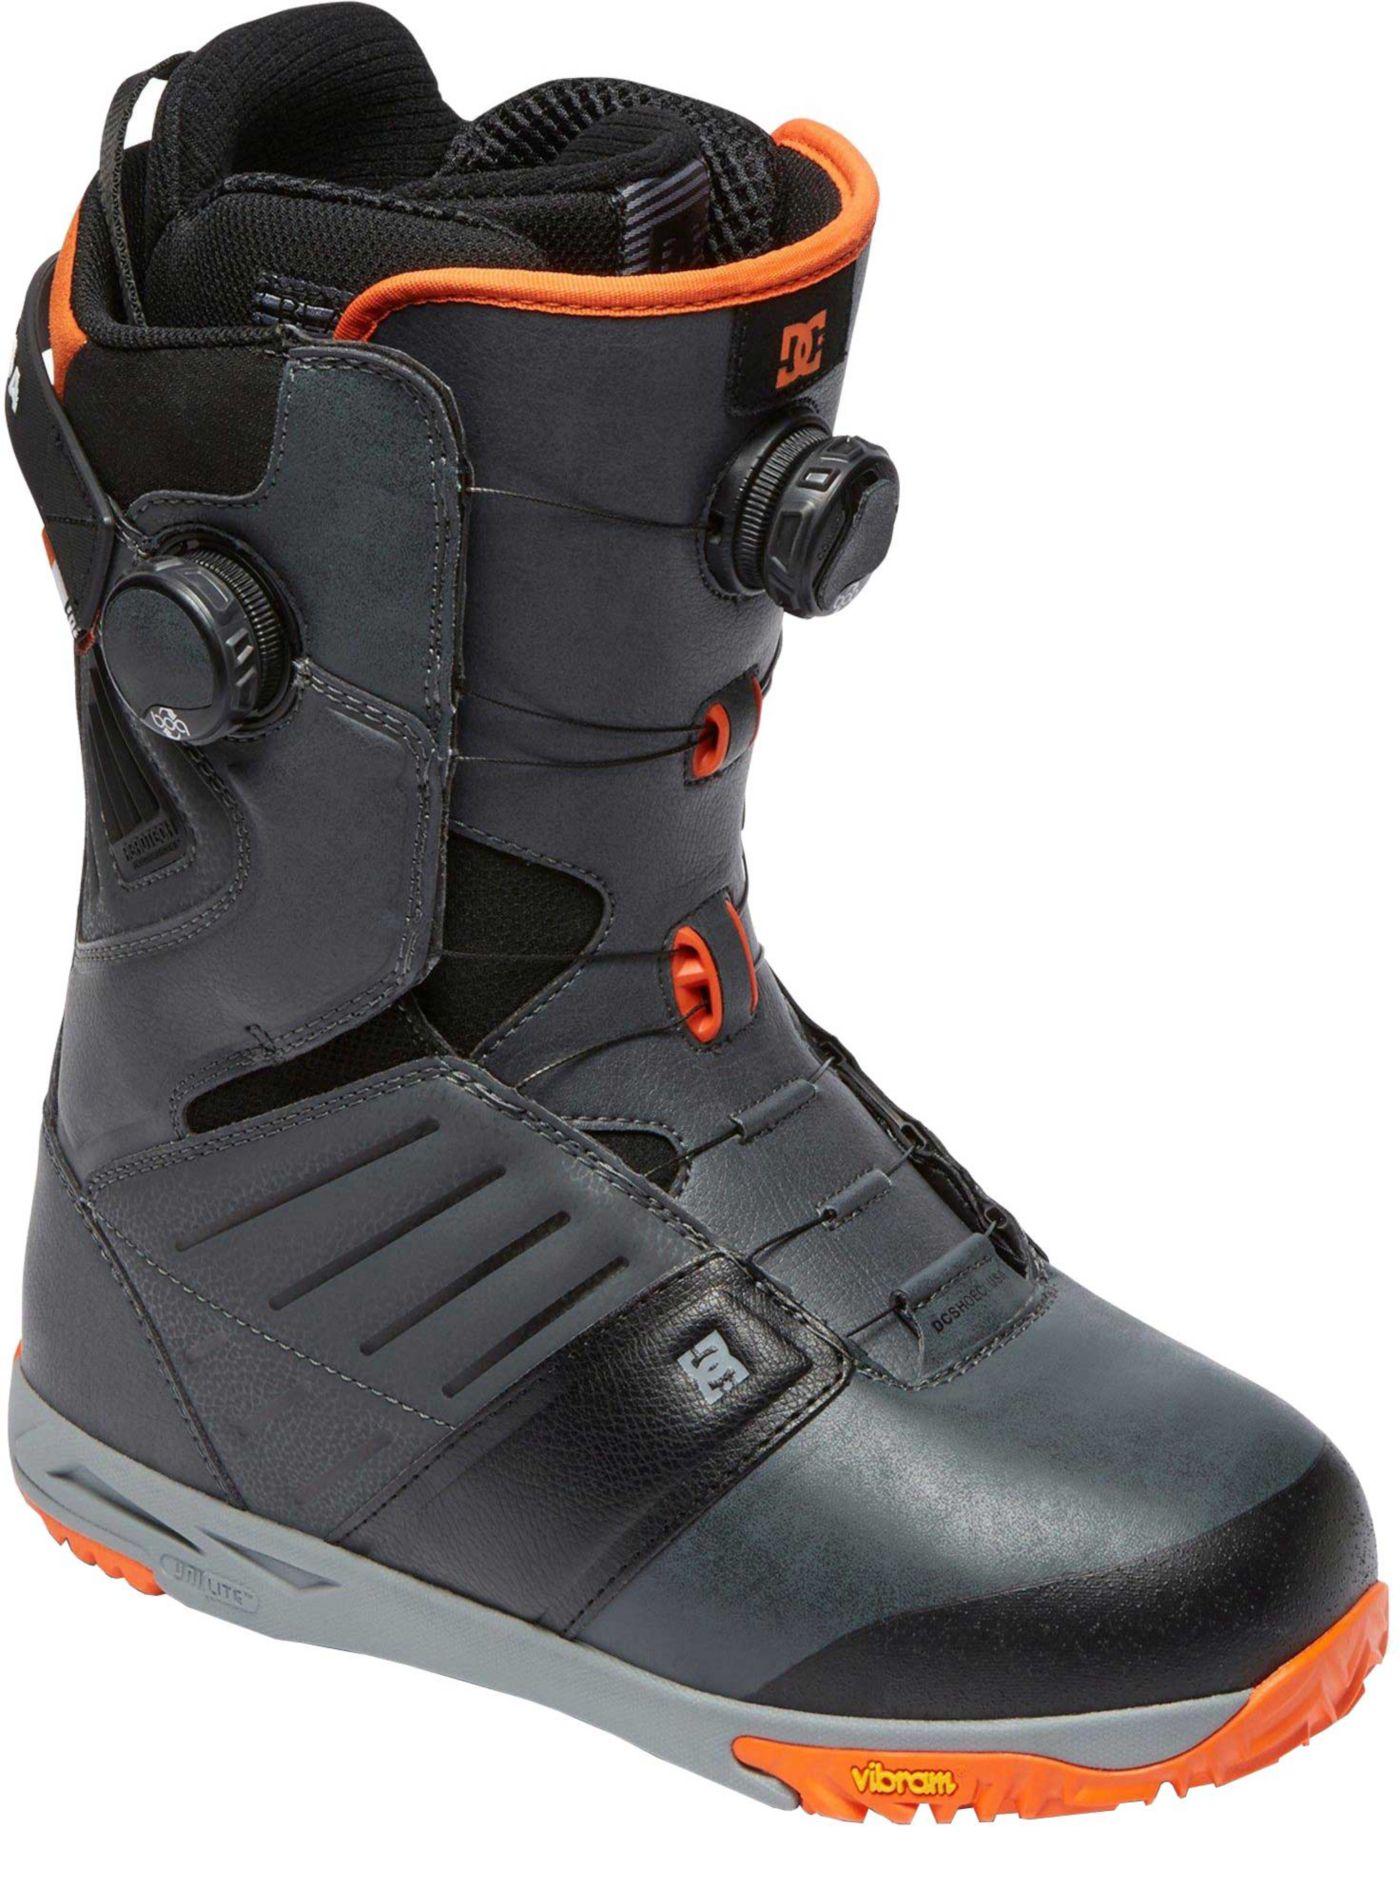 DC Shoes Men's Judge BOA 2018-2019 Snowboard Boots